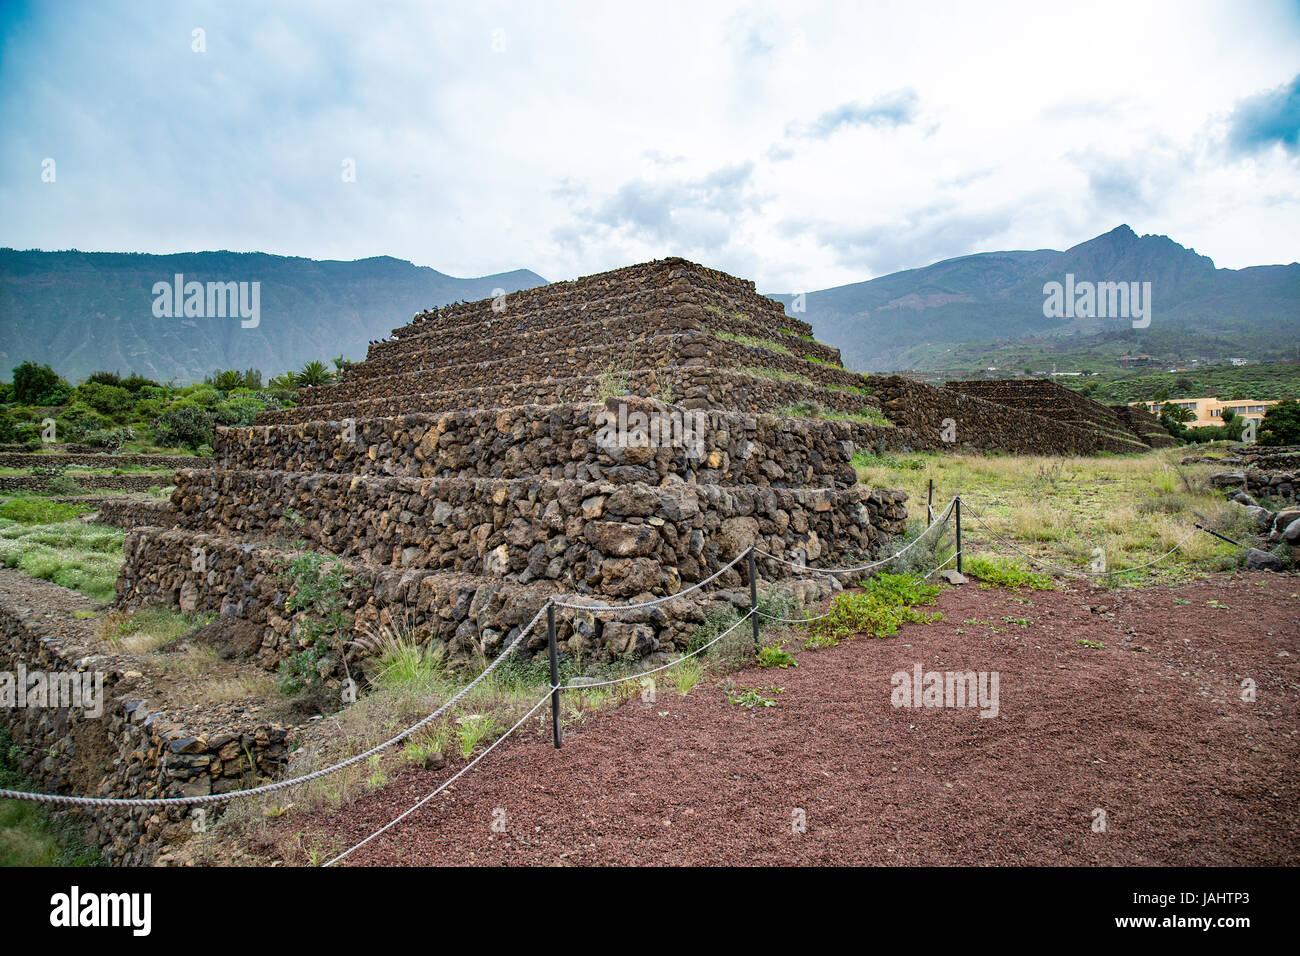 Las Pirámides de Güímar, estructuras construidas en terrazas de piedra de lava sin el uso de mortero, Imagen De Stock